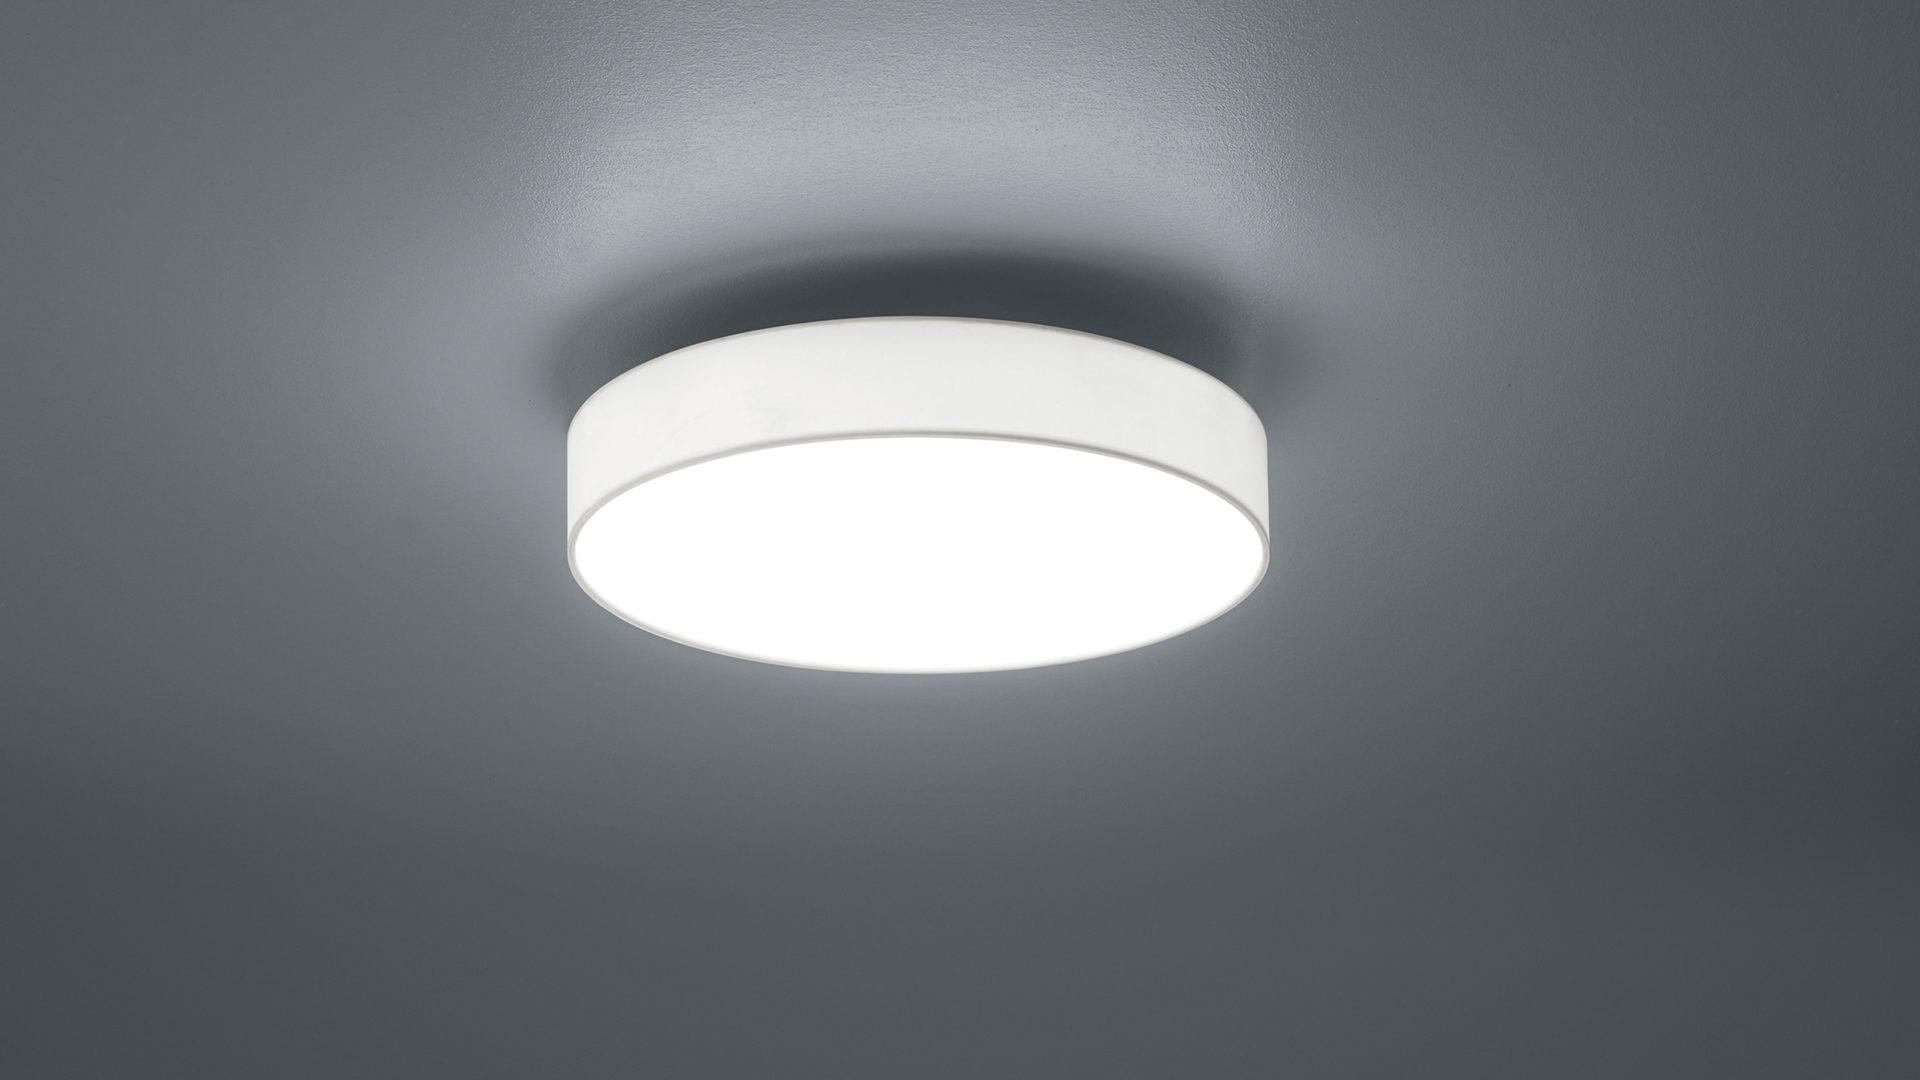 EINRICHTUNGSPARTNERRING, Räume, Schlafzimmer, Lampen + Leuchten, LED ...